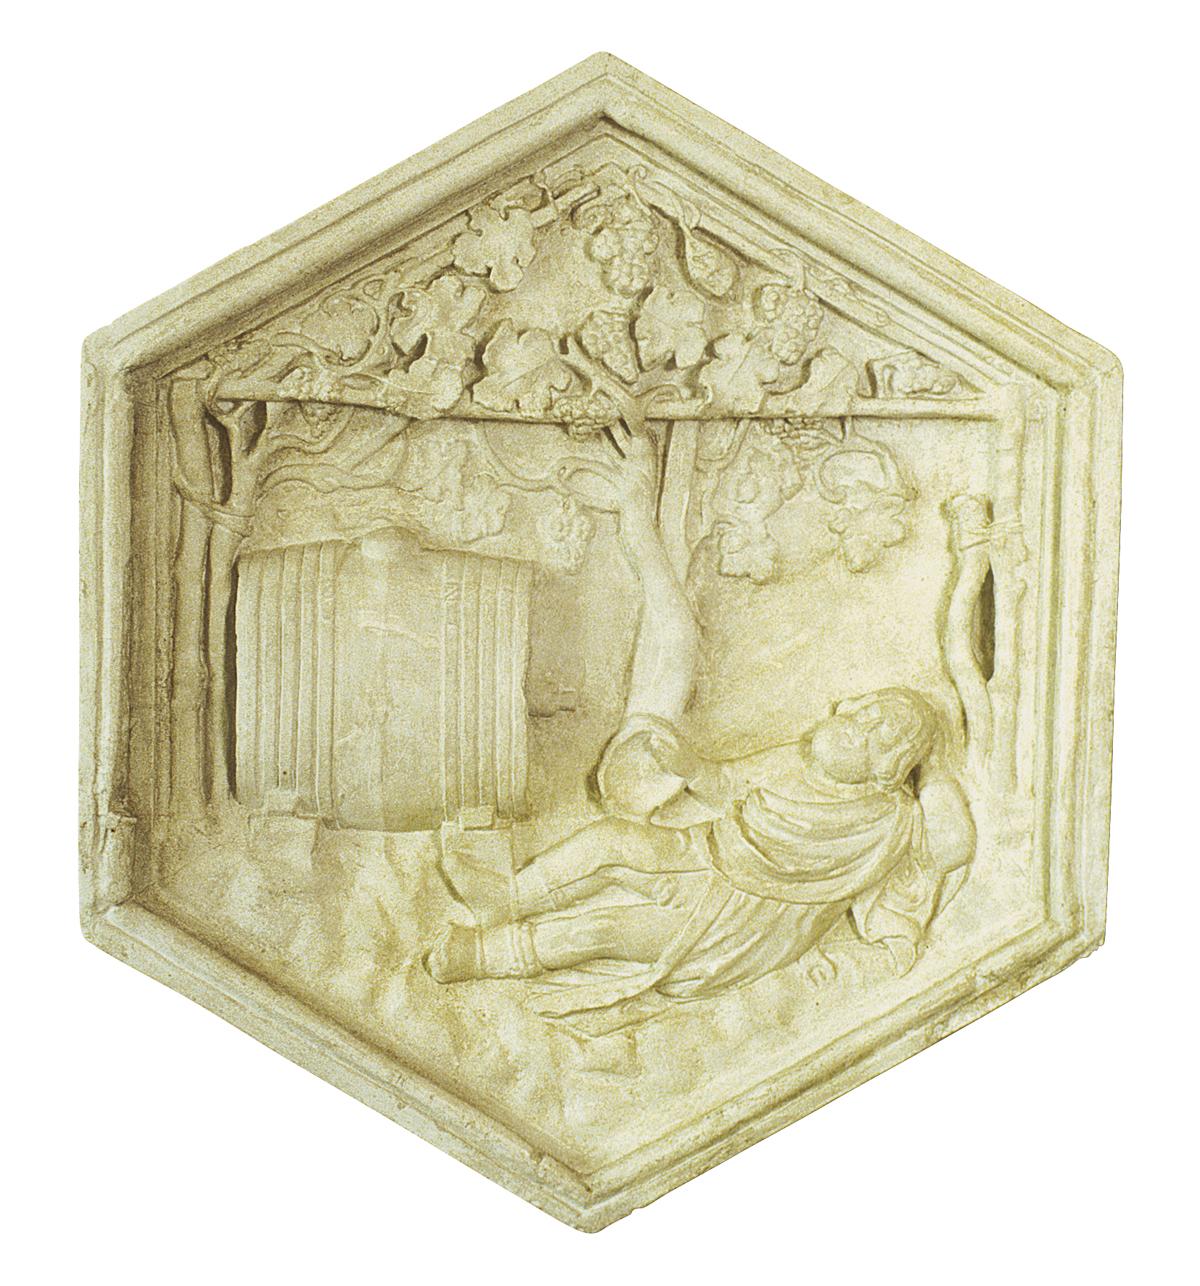 Noè o l'invenzione del vino, formella del campanile di Giotto (copia in gesso)